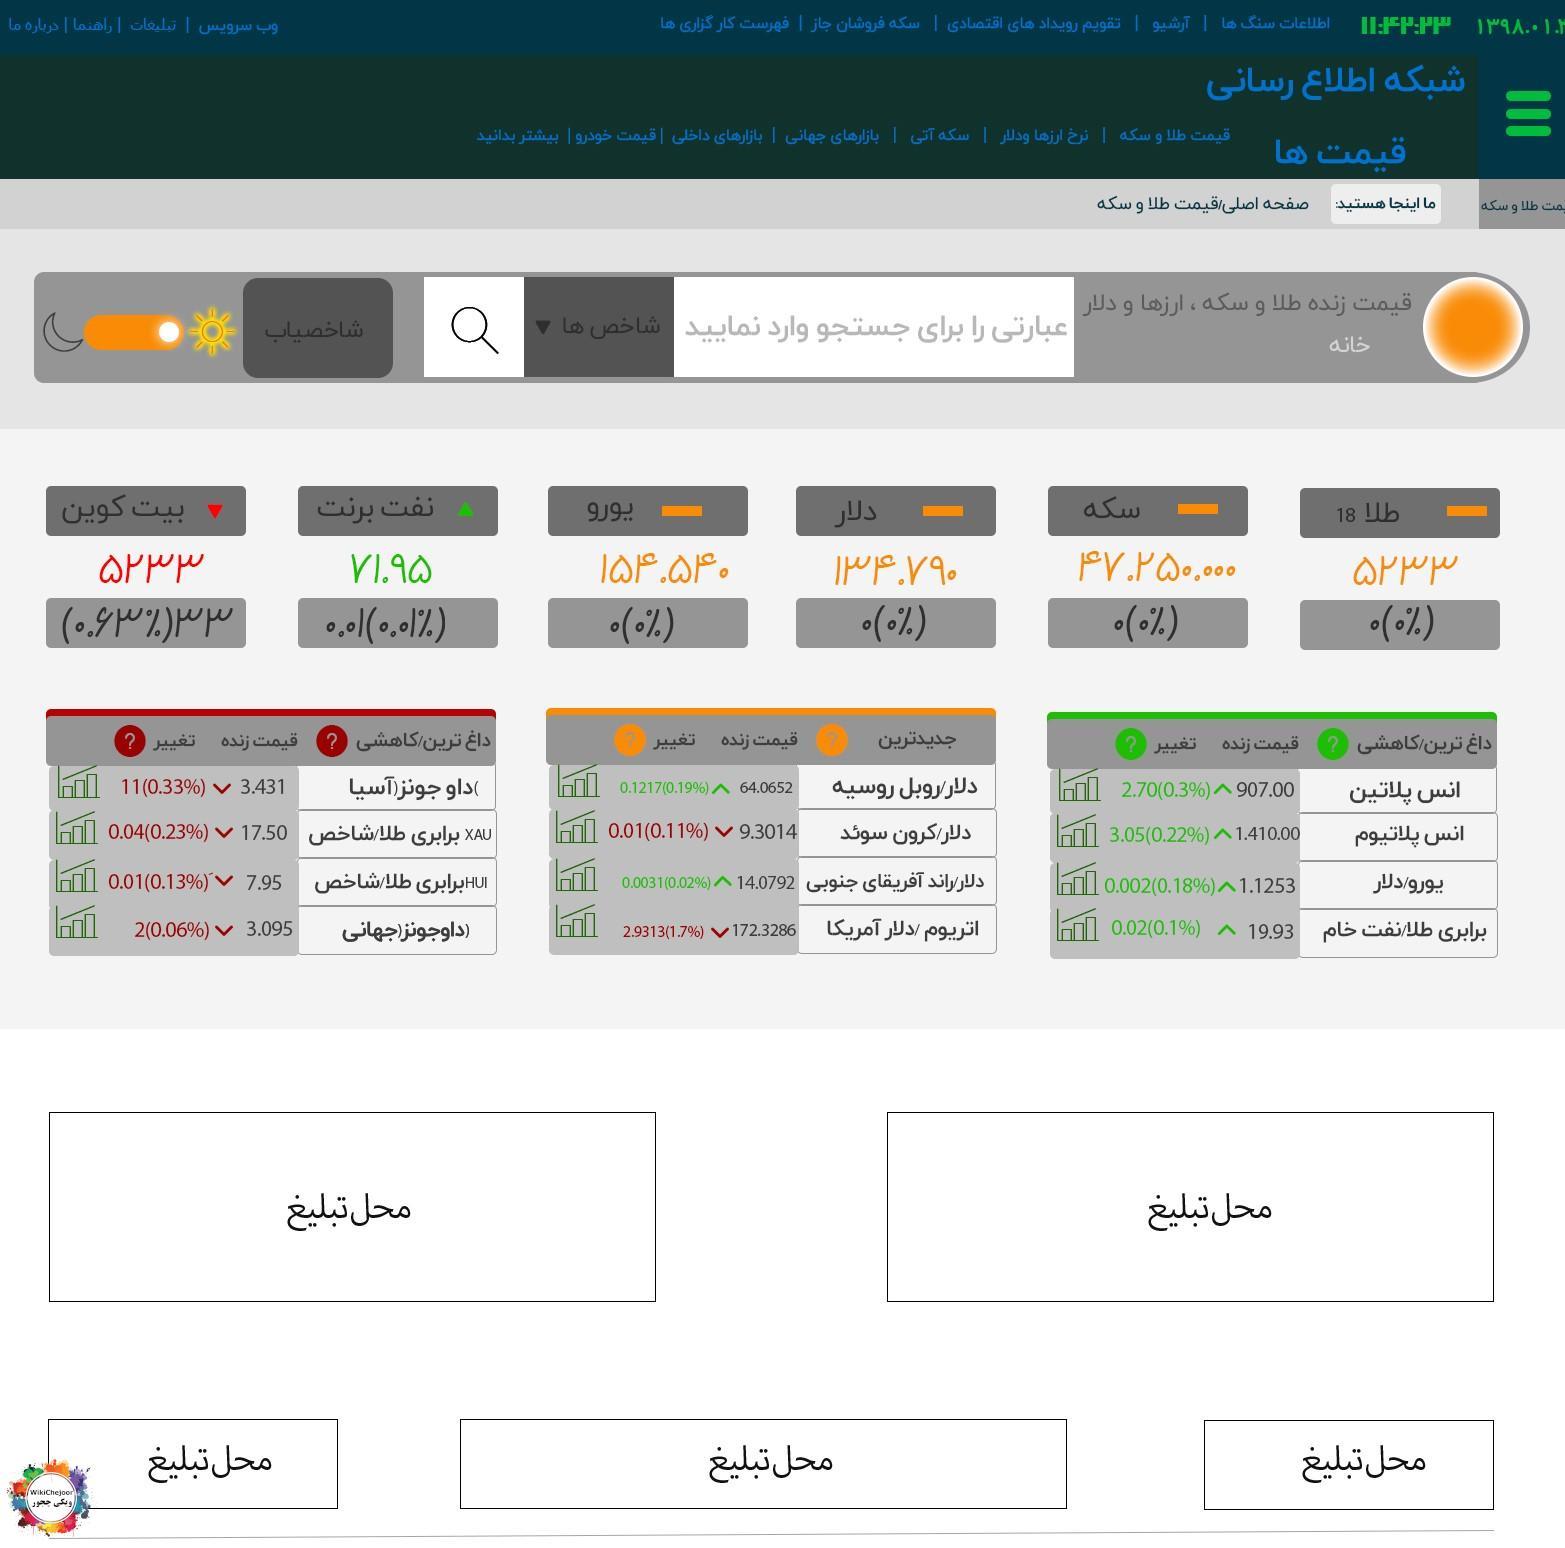 مراحل ایجادباکس تبلیغات سایت به کمک فتوشاپ